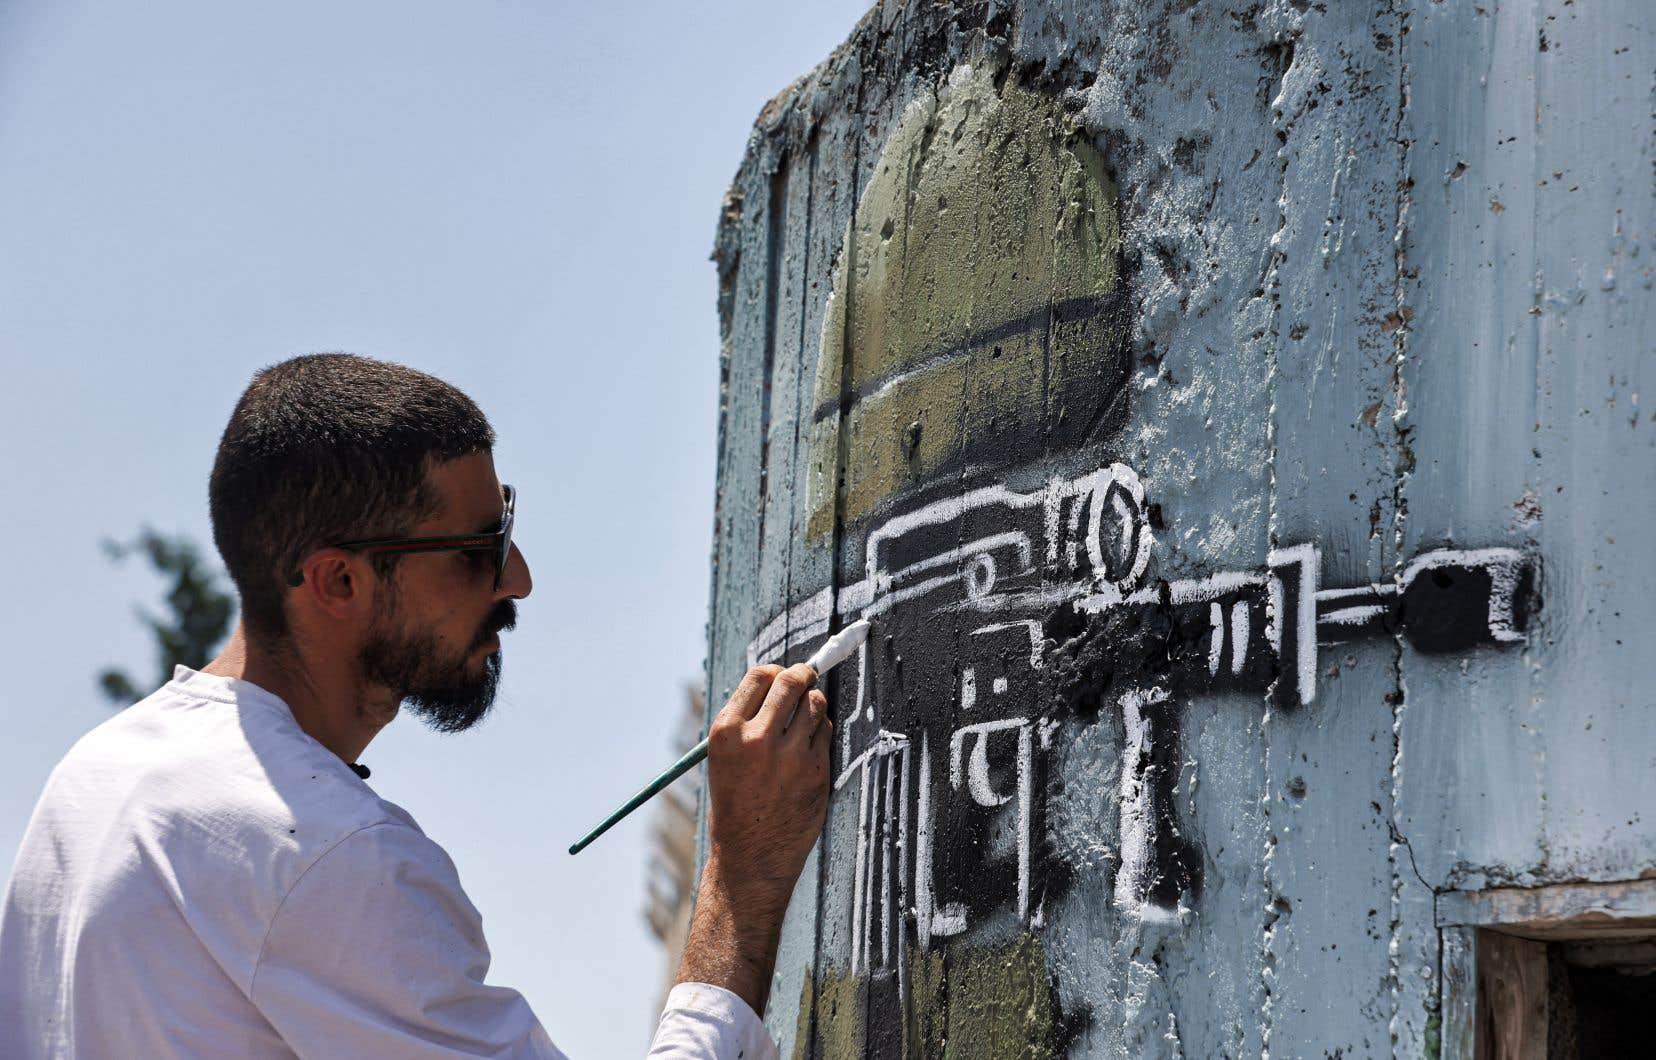 Taqi Spateen dit s'inspirer en partie des images de gaz lacrymogènes lancés par les forces israéliennes pour réprimer les manifestations et les émeutes palestiniennes.